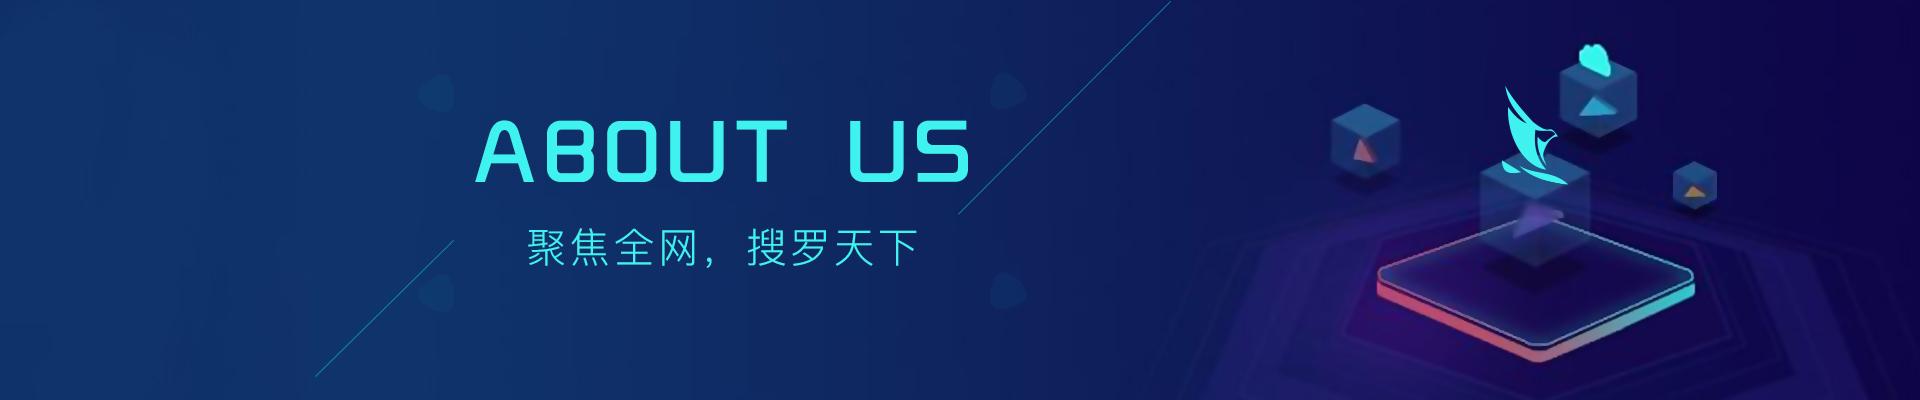 长沙聚搜网站优化公司